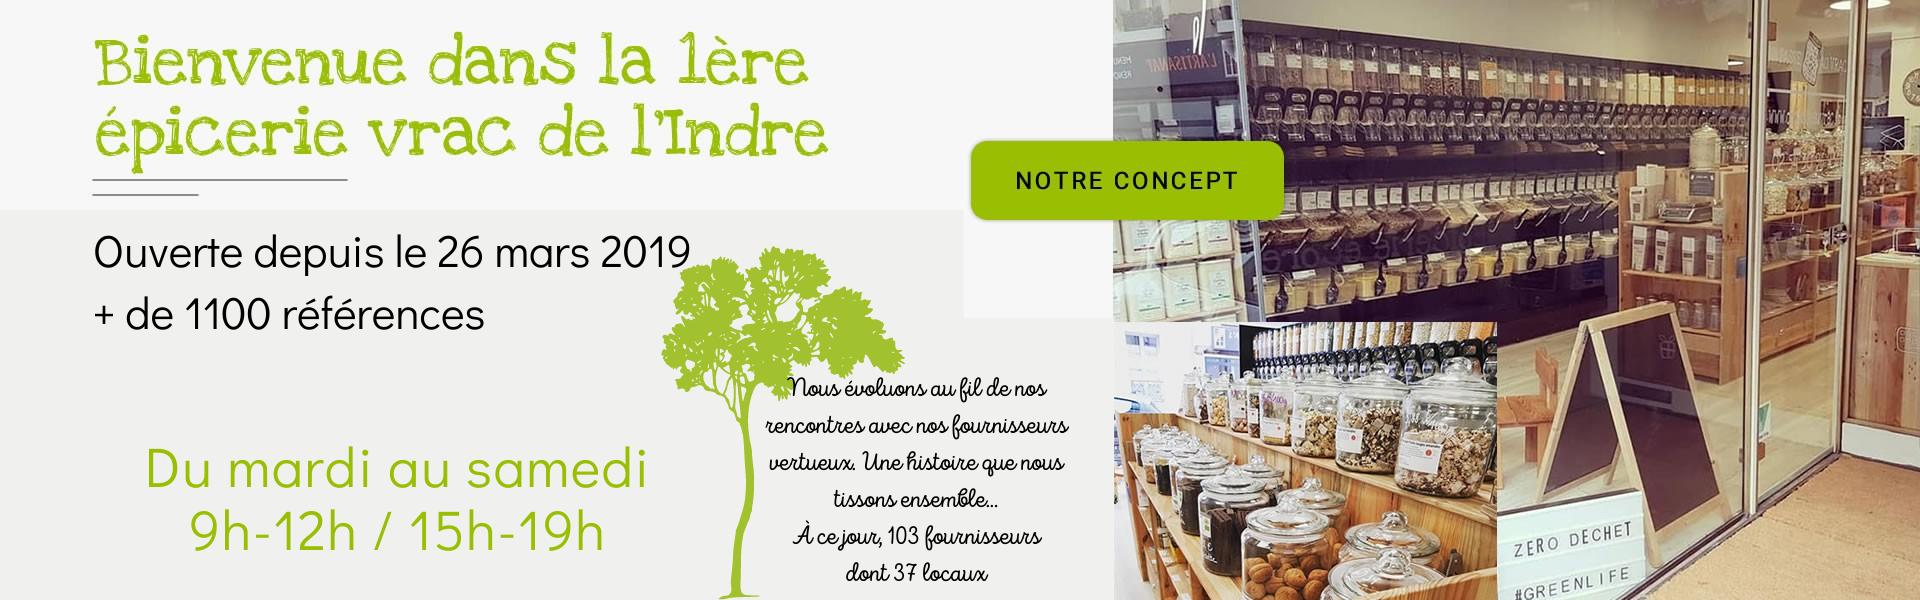 Bienvenue dans la 1ère épicerie vrac de l'Indre